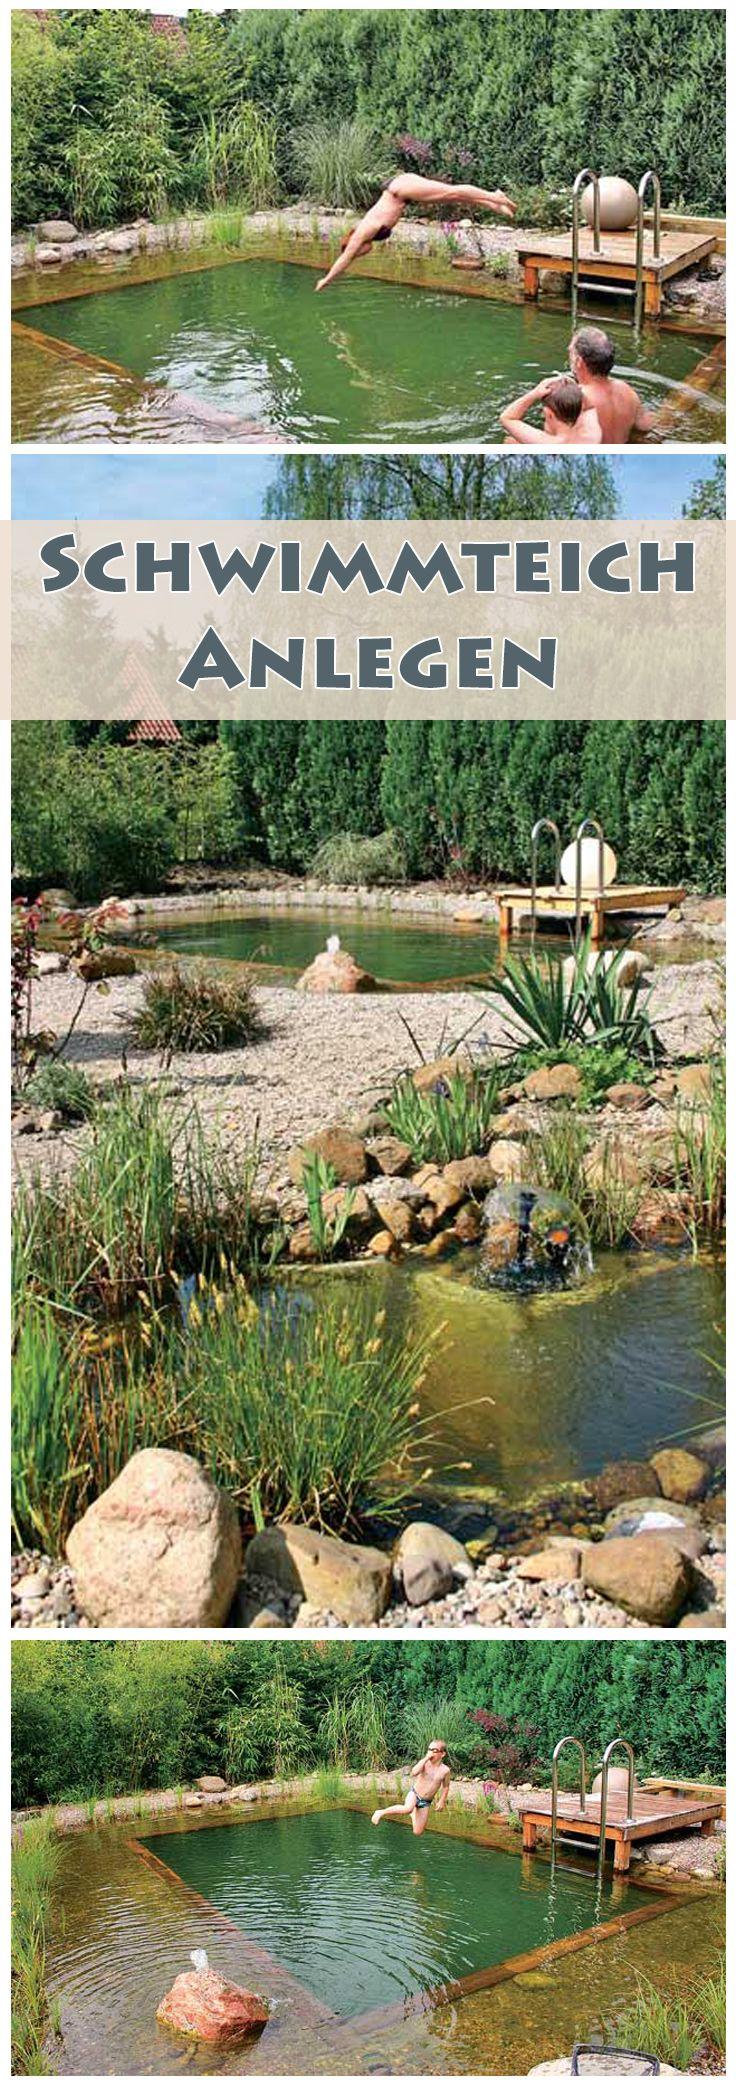 wieso einen swimmingpool bauen wenn man auch einen sch nen nat rlichen schwimmteich haben kann. Black Bedroom Furniture Sets. Home Design Ideas